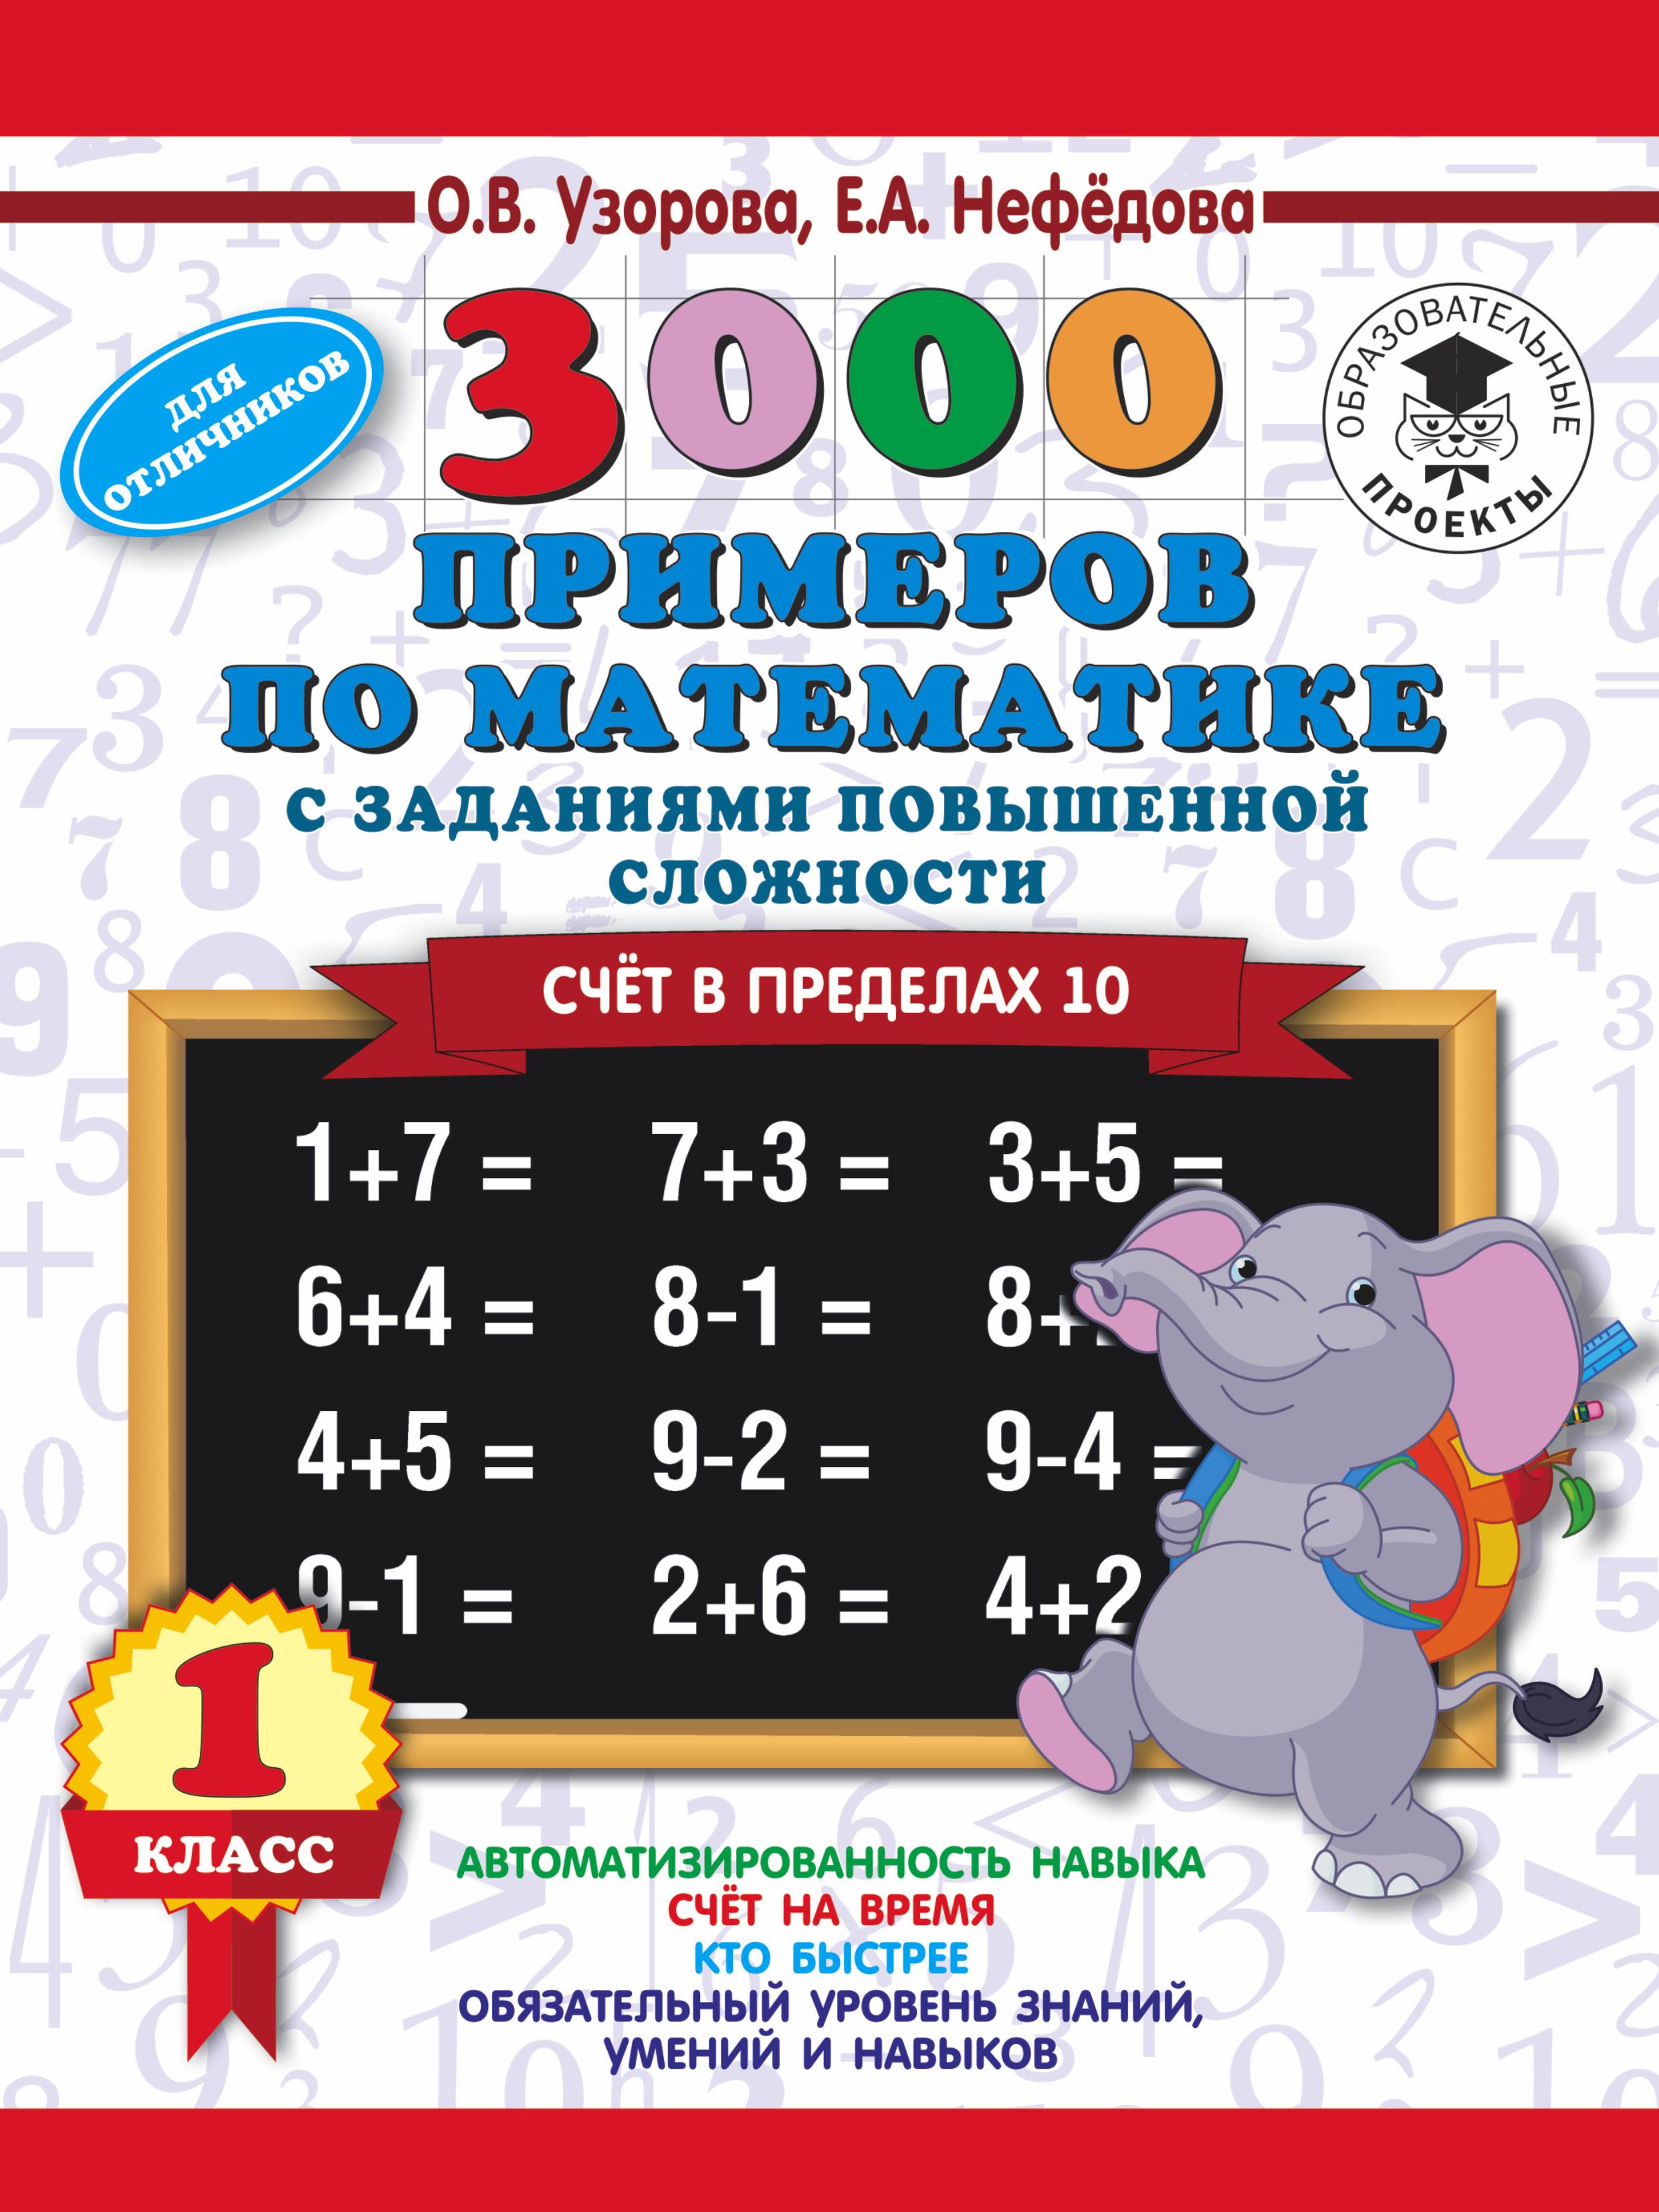 3000 примеров по математике и задания повышенной сложности. Счёт в пределах 10. 1 класс ( Узорова Ольга Васильевна, Нефедова Елена Алексеевна  )